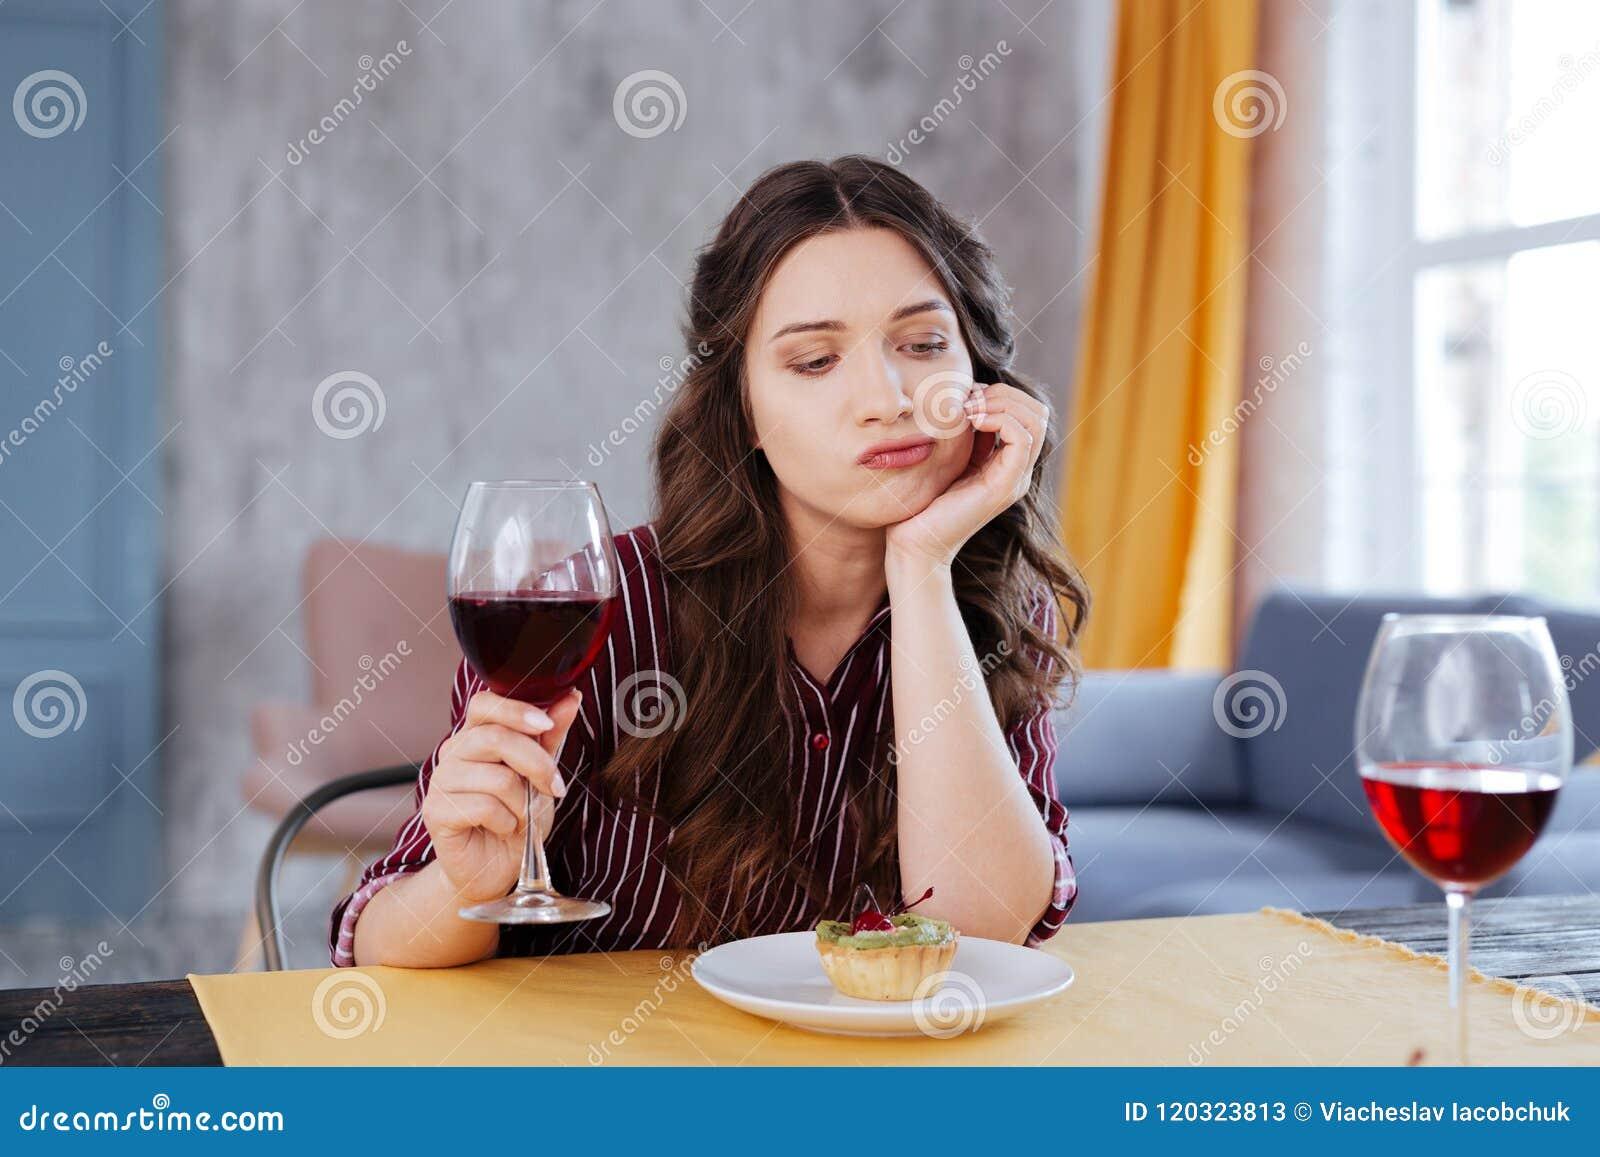 rencontre quelqu'un avec un trouble de la personn alité dépendante